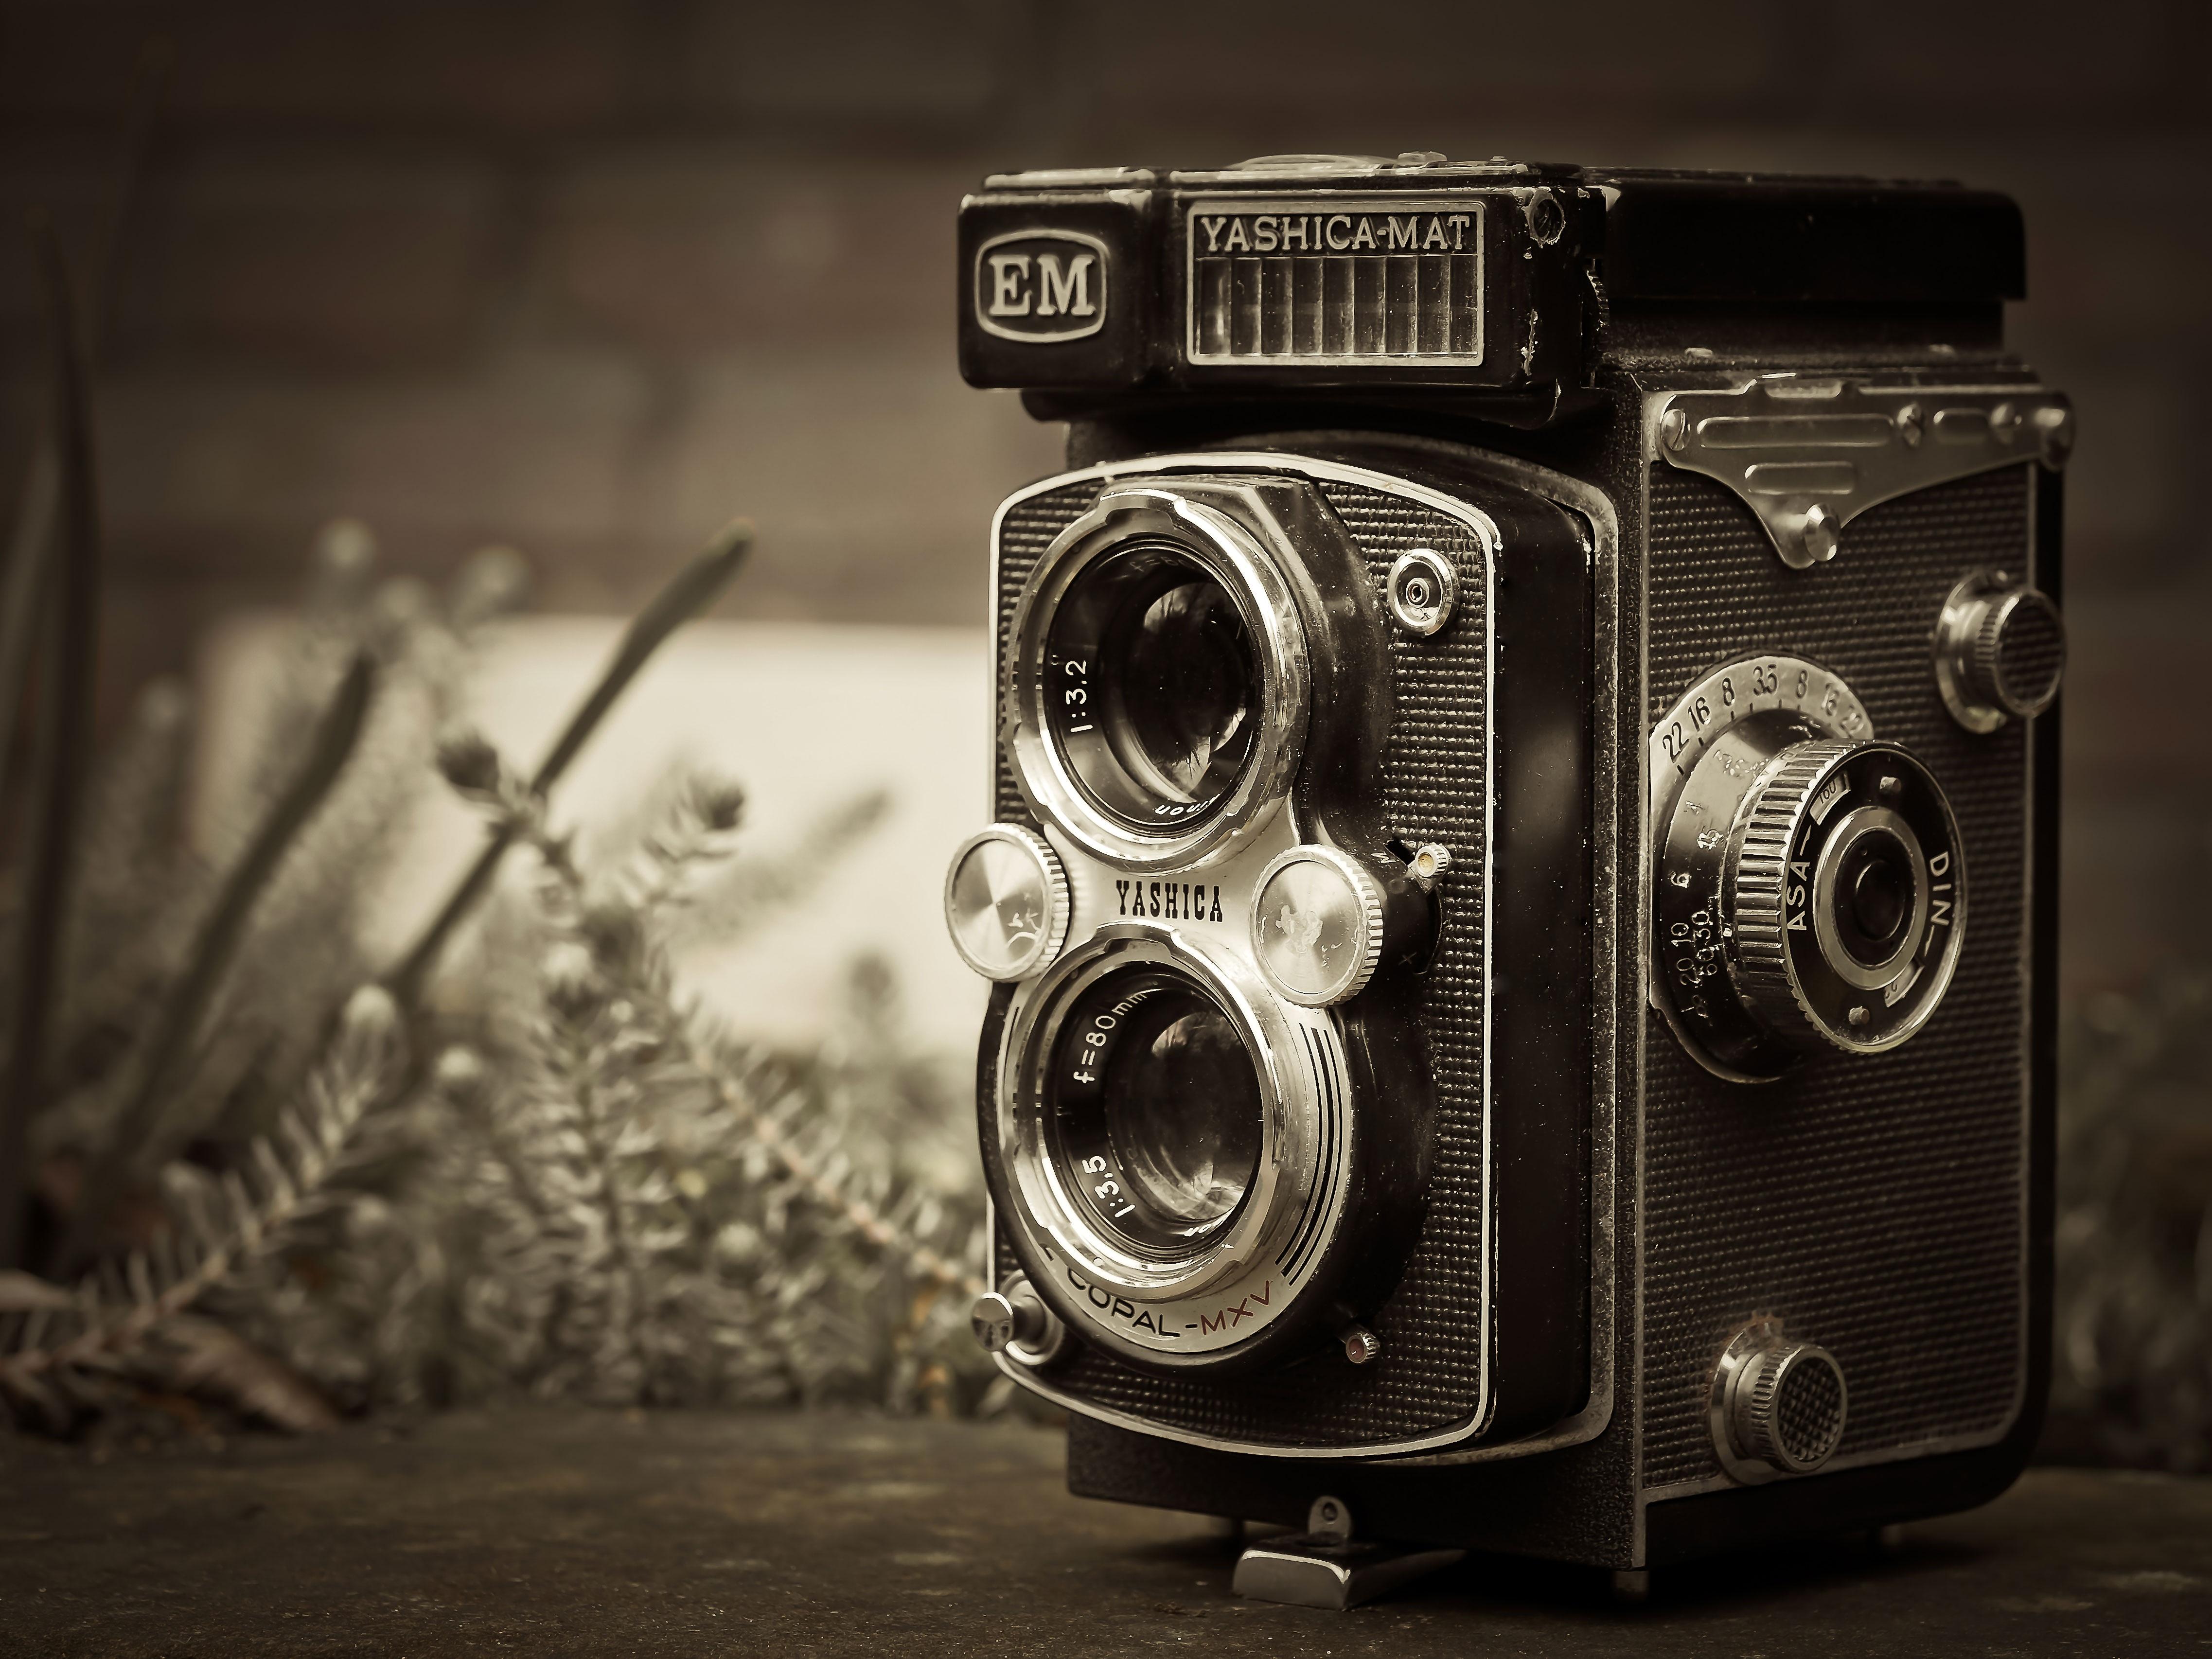 Entfernungsmesser Für Fotografie : Kostenlose foto : schwarz und weiß fotografie jahrgang antiquität